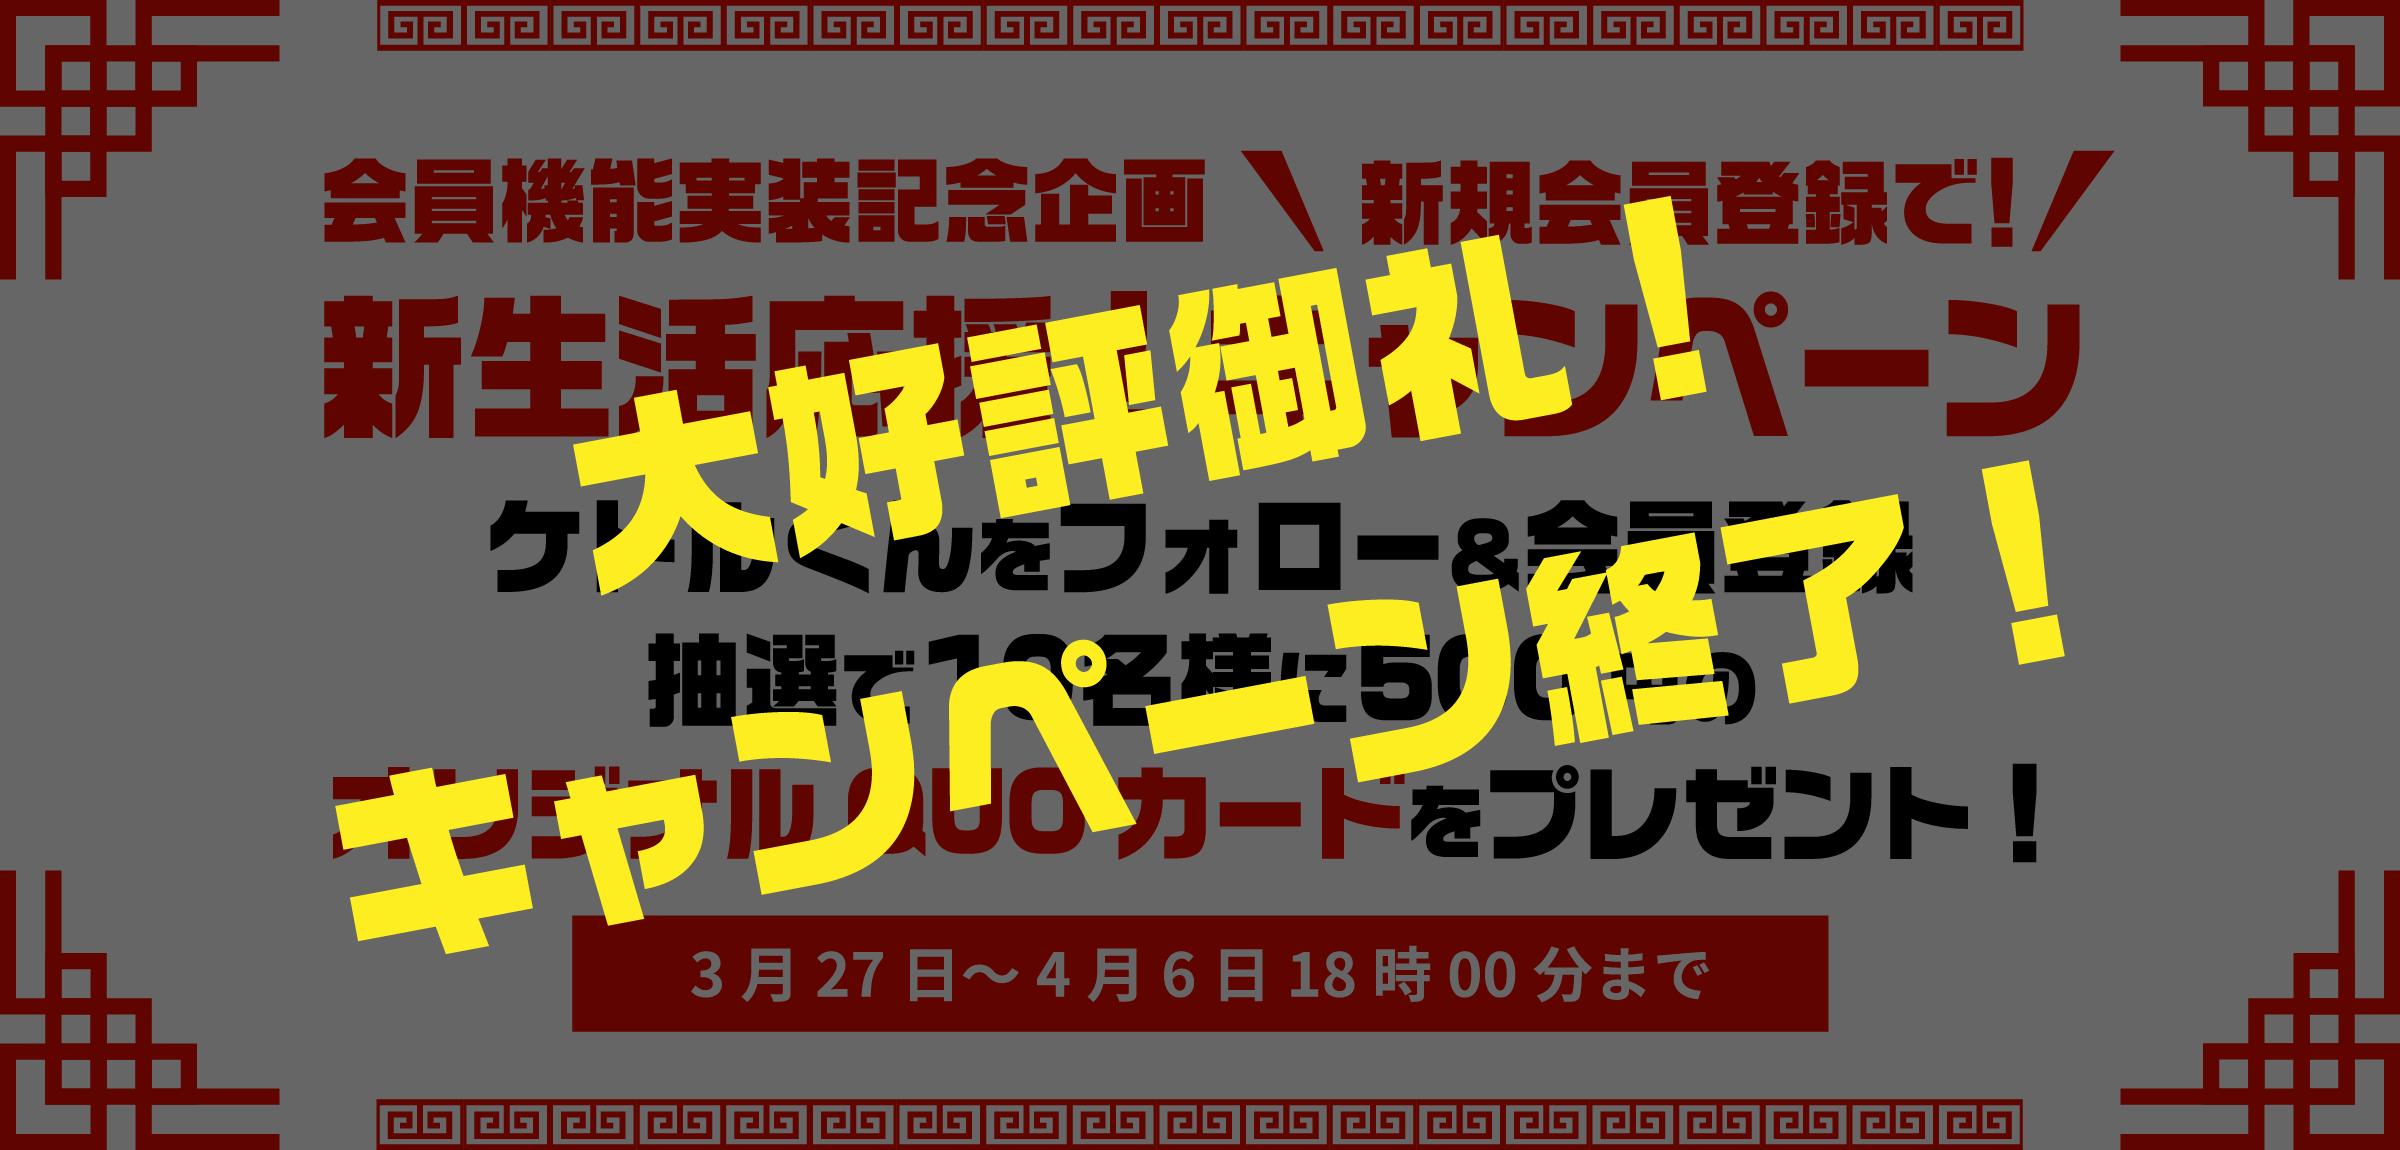 会員機能実装記念企画【新規会員登録で!新生活応援!キャンペーン】ケトルくんをフォロー&会員登録抽選で10名様に500円のオリジナルQUOカードをプレゼント!